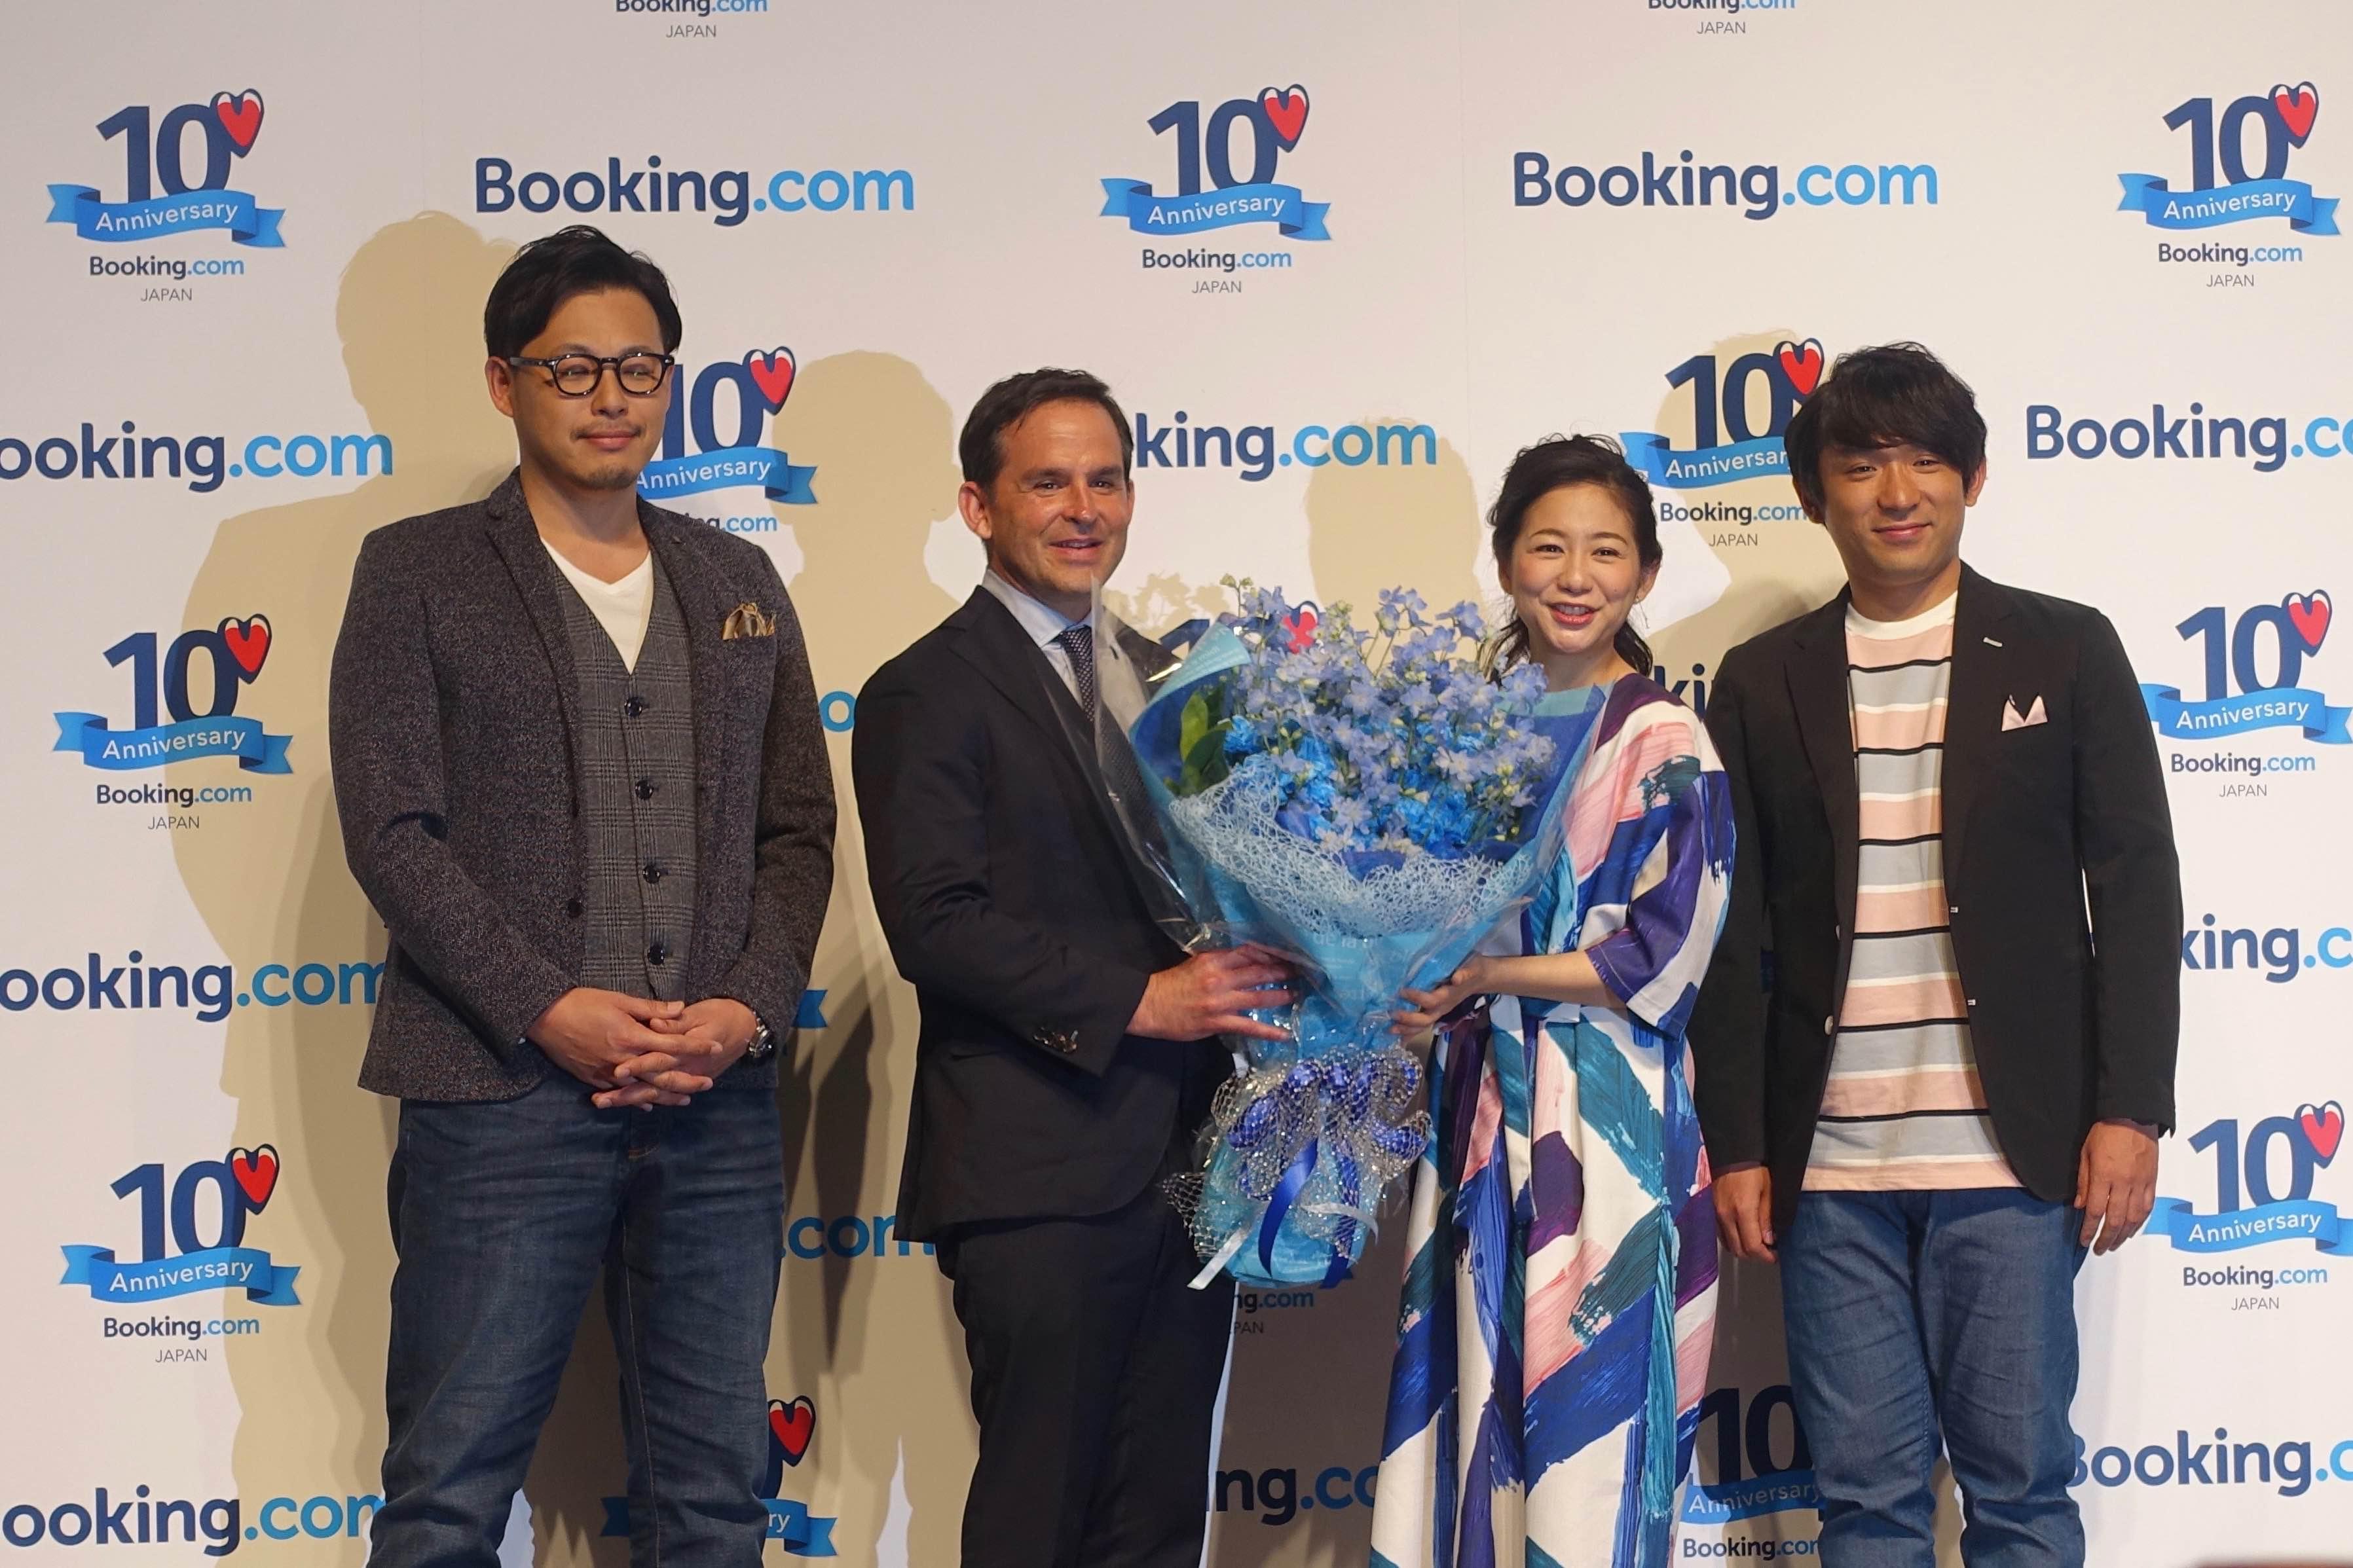 ブッキングドットコム、日本の戦略を発表、「民泊」「タビナカ」事業を加速、日本人ユーザーは世界11位に